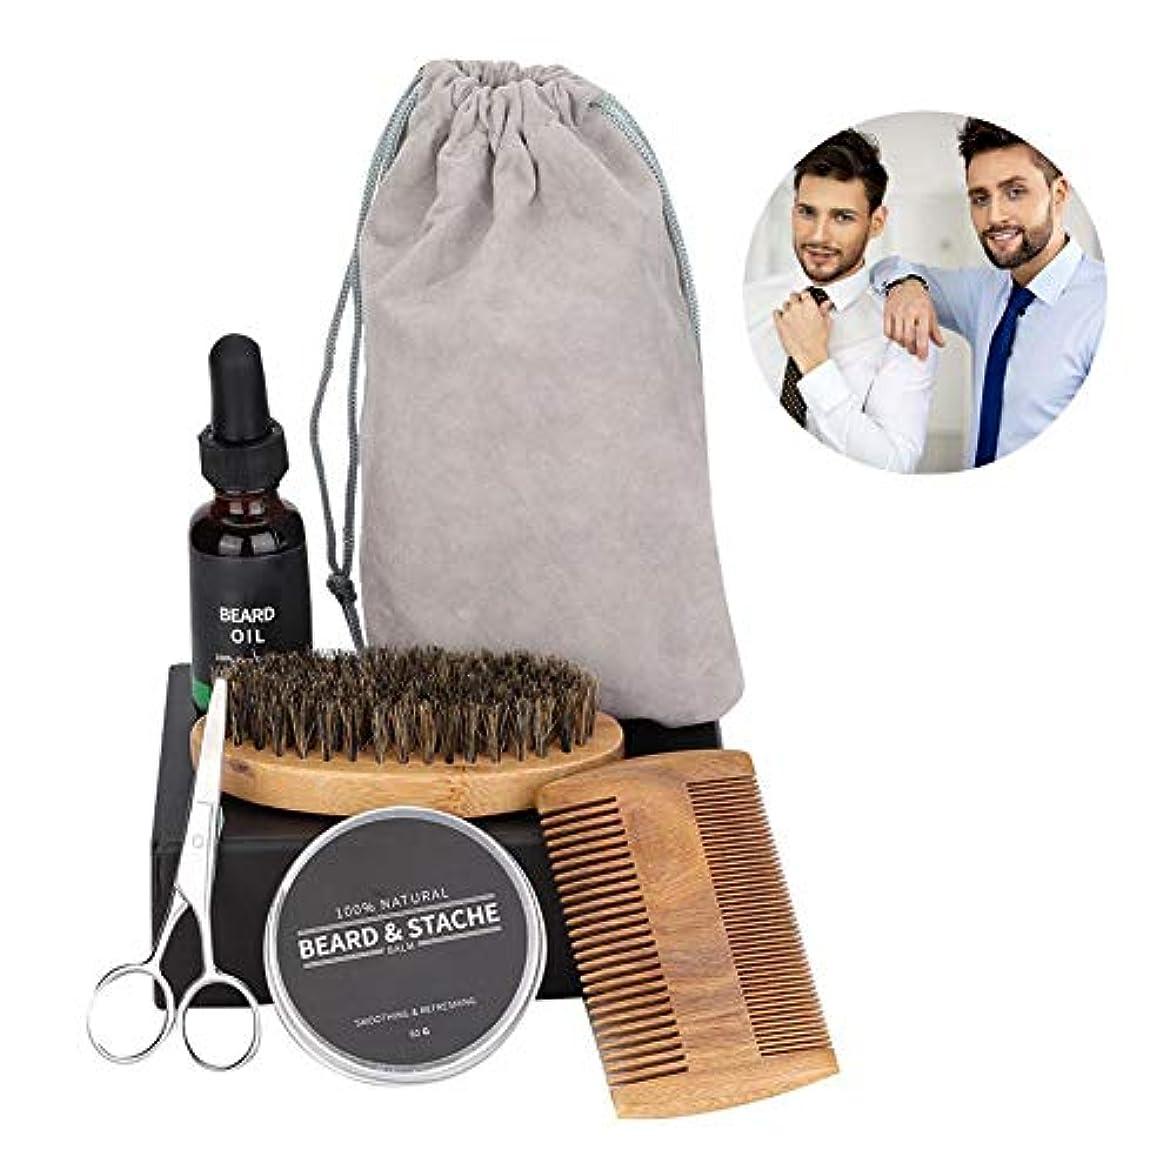 性格ドナー助けになる髭手入れキット、髭手入れキットを含む男性または父親のための髭成長手入れおよびトリミングキット、髭オイル、髭ケアバーム、櫛、はさみ、ブラシ、収納袋